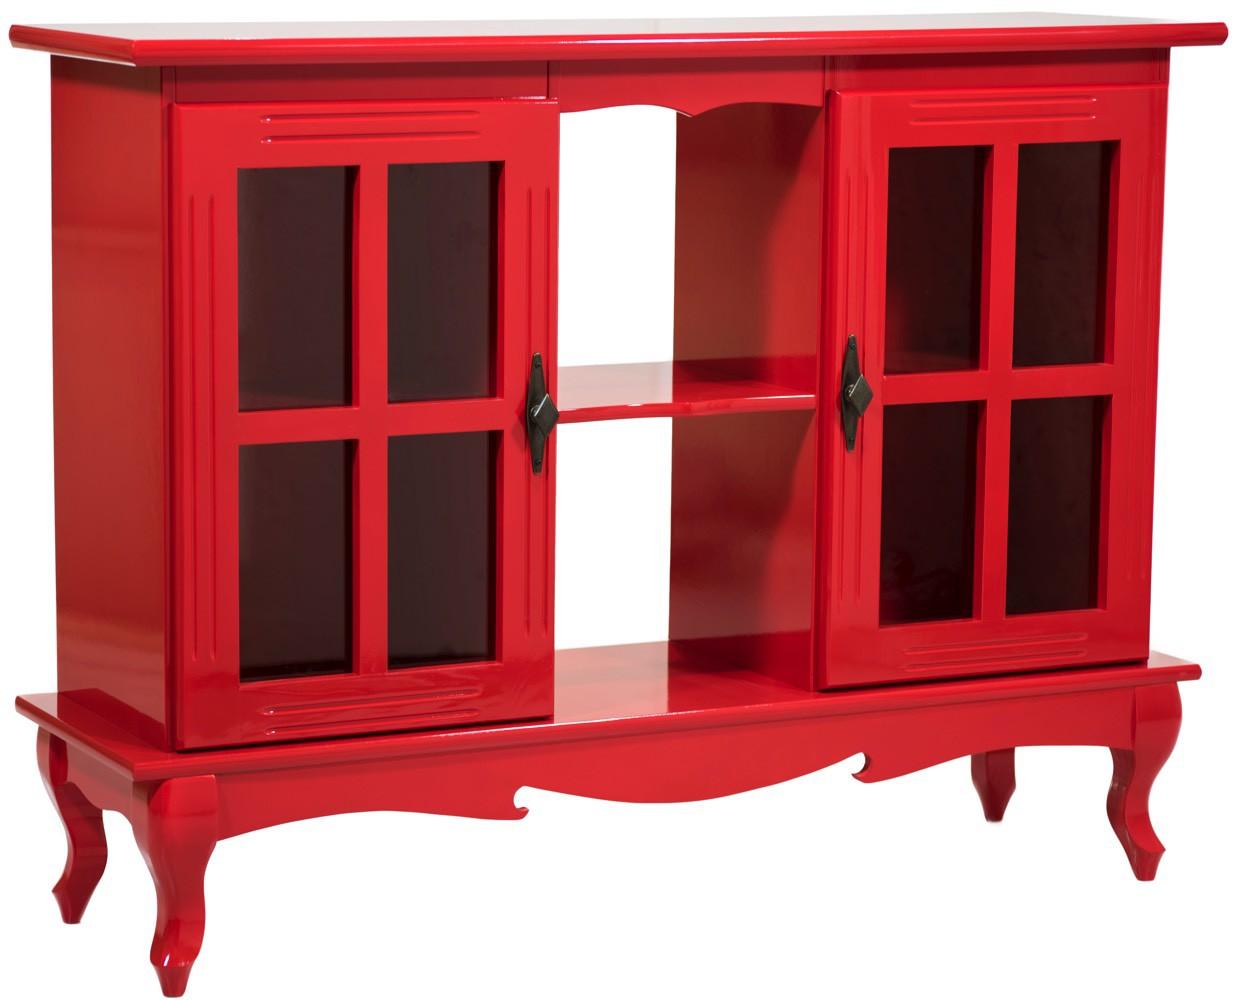 Cristaleira Horizontal 2 Portas - Vermelha